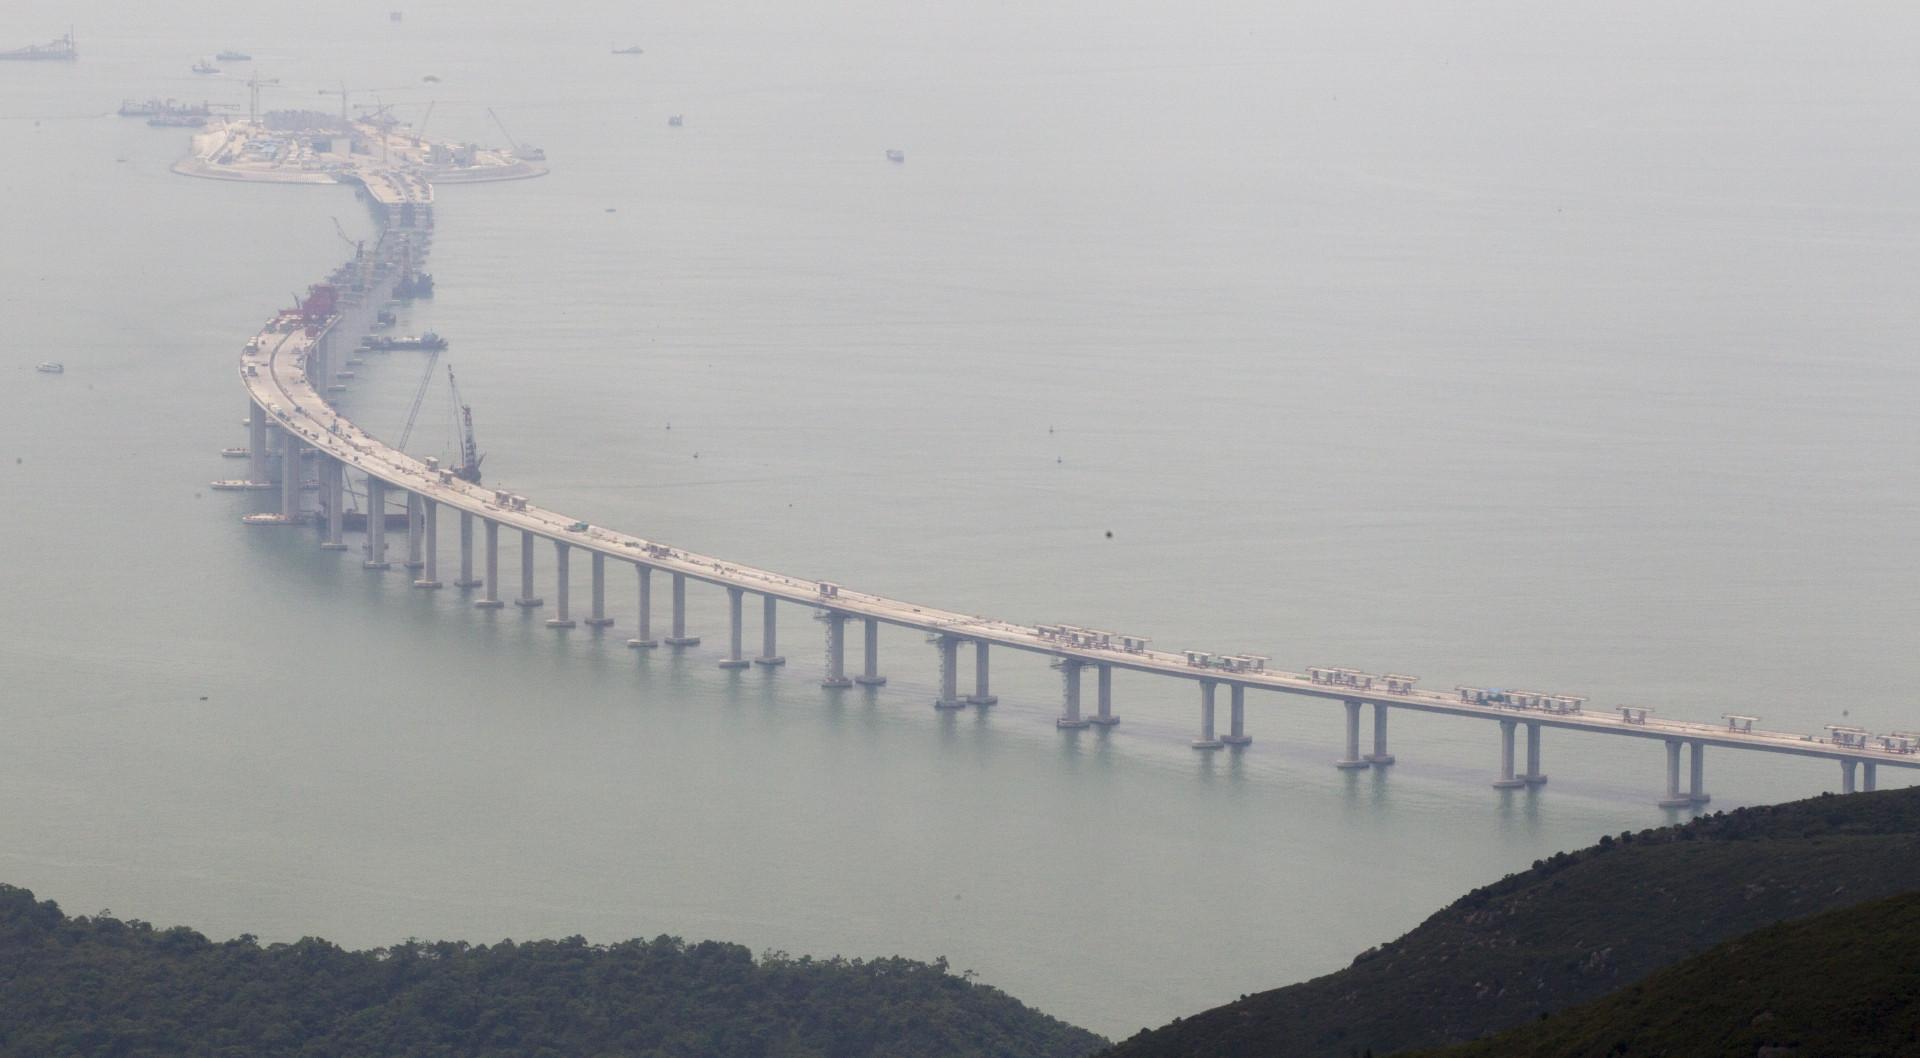 港珠澳大橋全部路段已於2017年12月竣工,將於2018年2月檢收,最快3月通車。(亞新社)